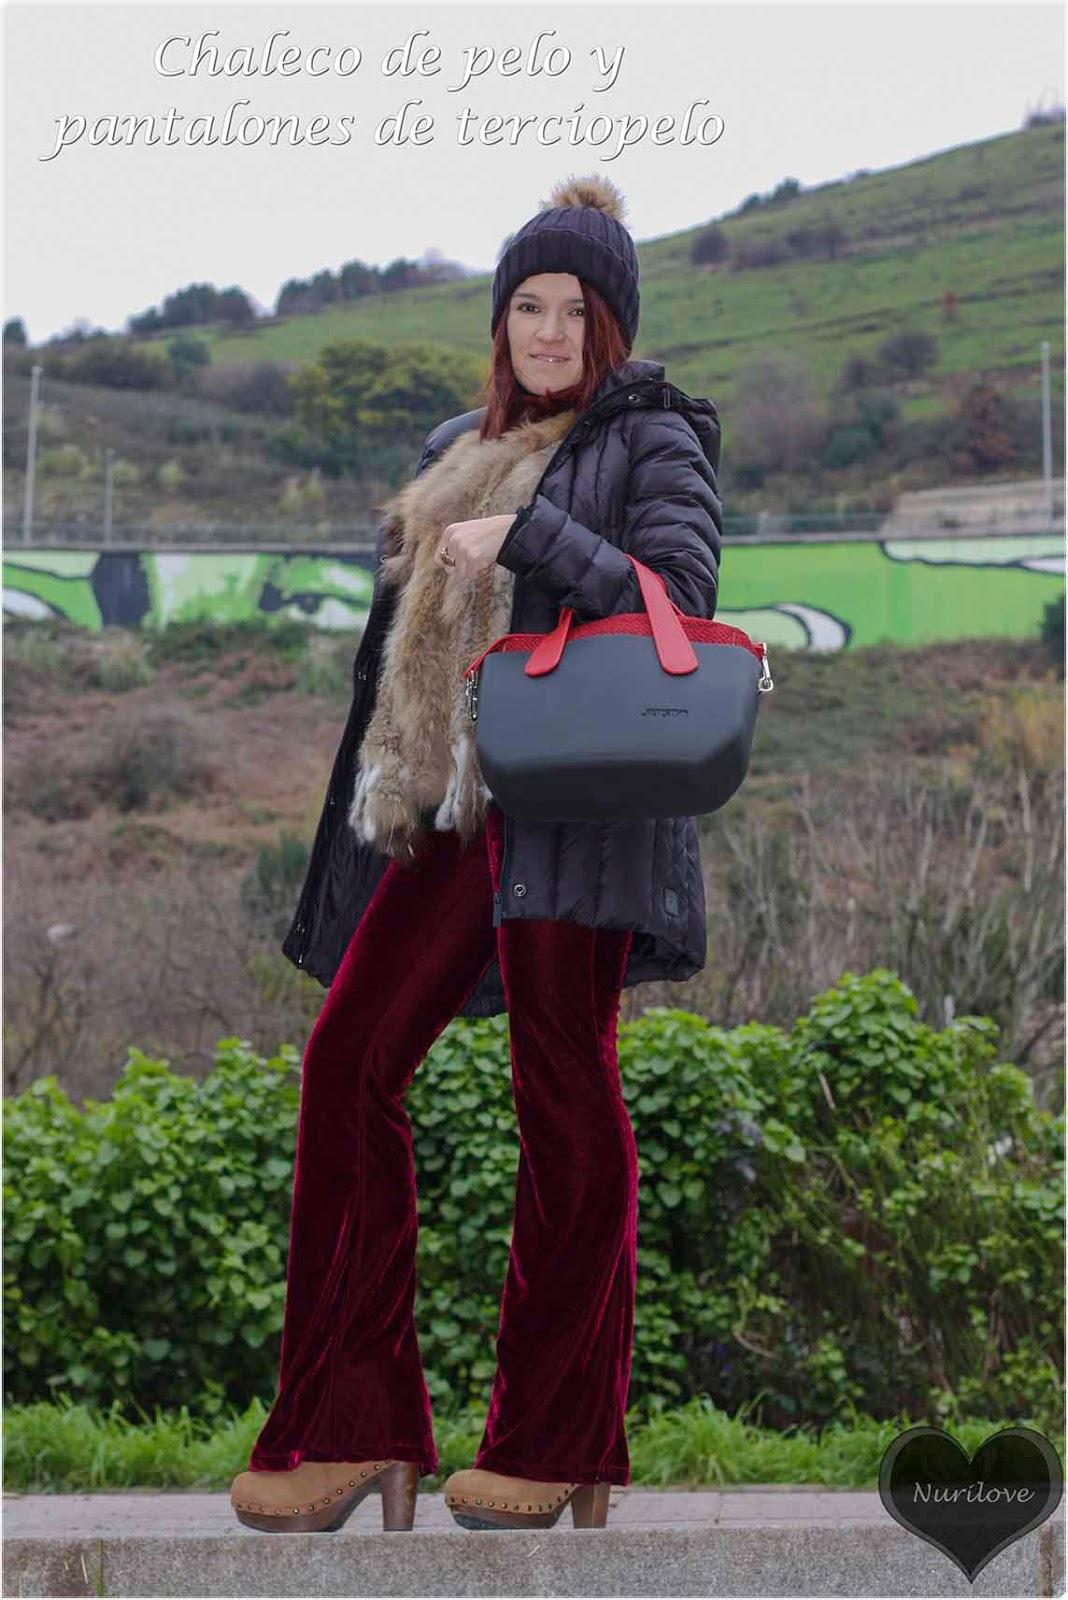 pantalones velvet combinados con chaleco de pelo